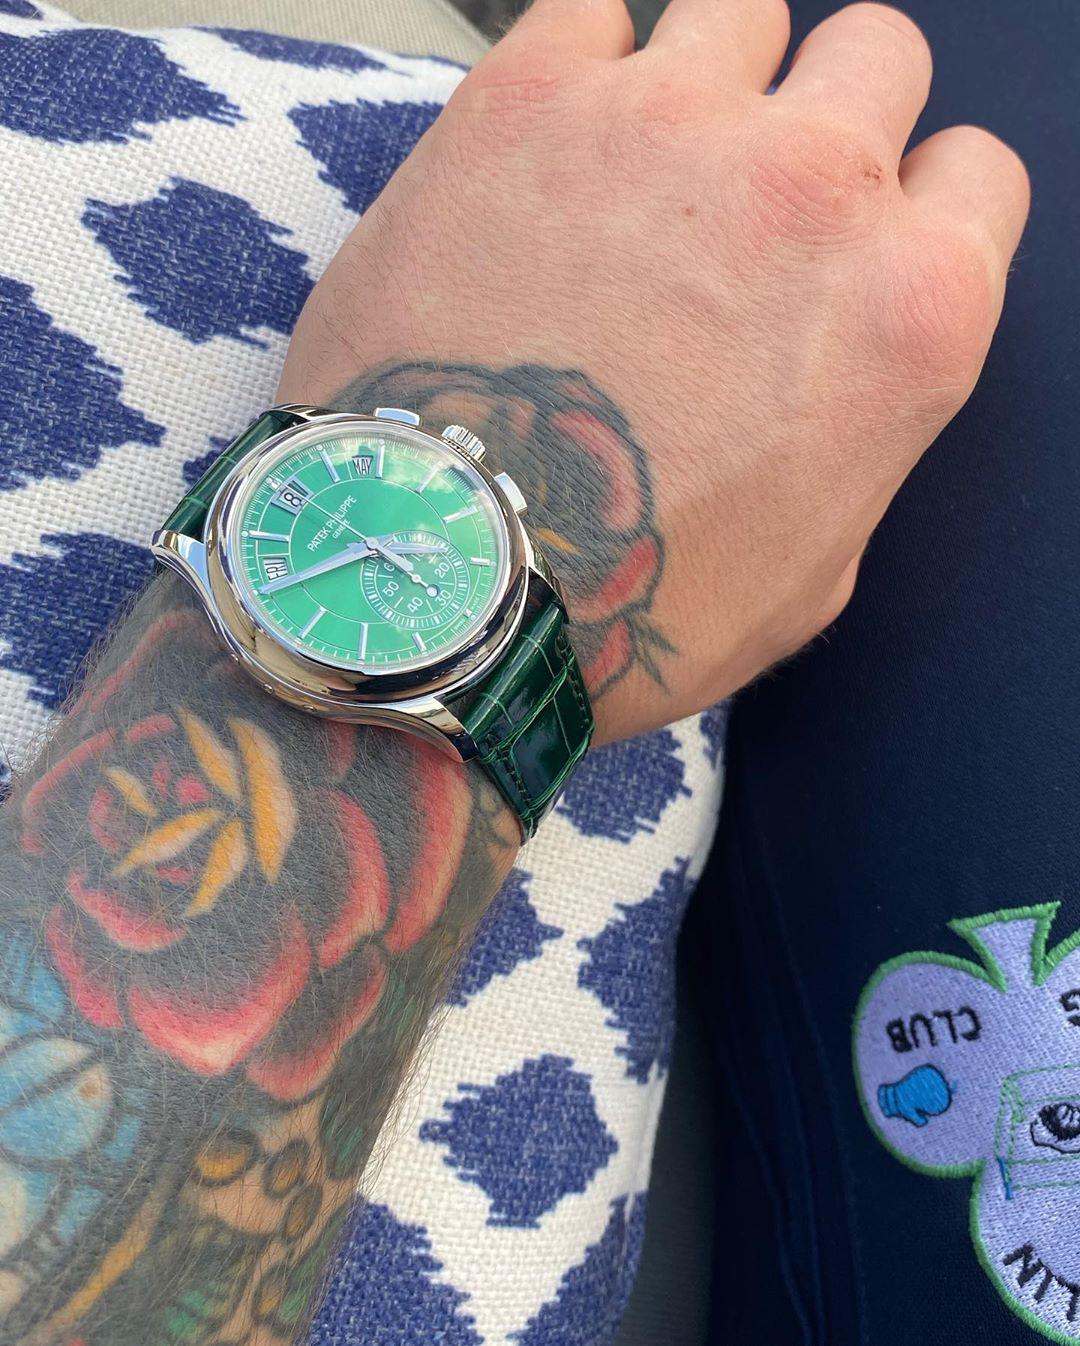 Giới thiệu đồng hồ Patek Philippe 5905P màu xanh lục tuyệt đẹp và hiếm thấy